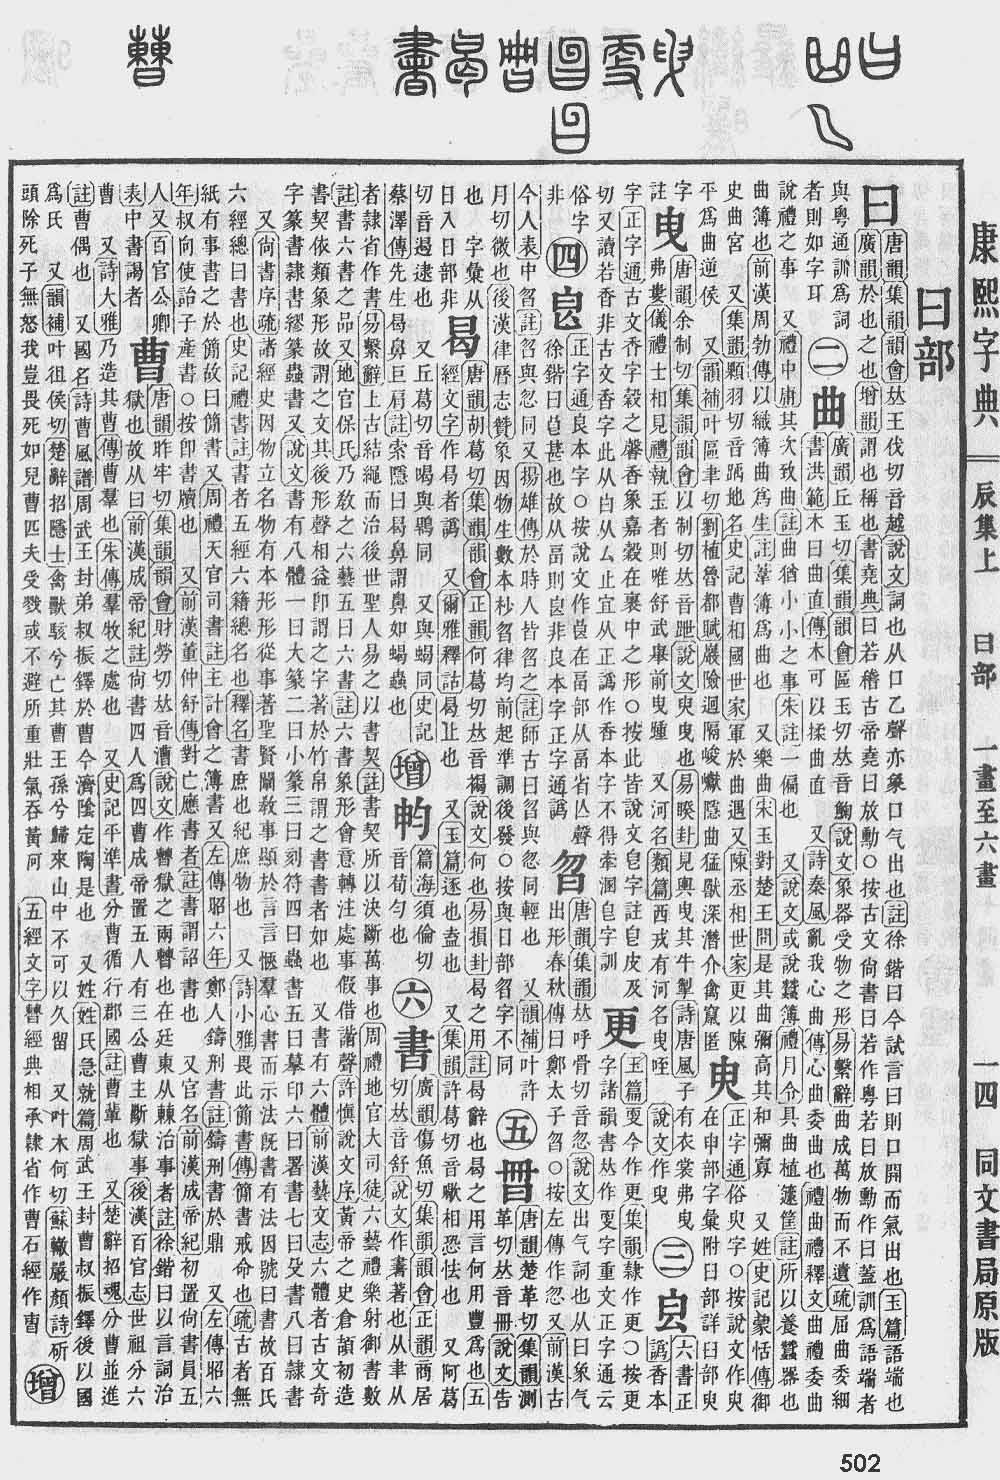 《康熙字典》第502页